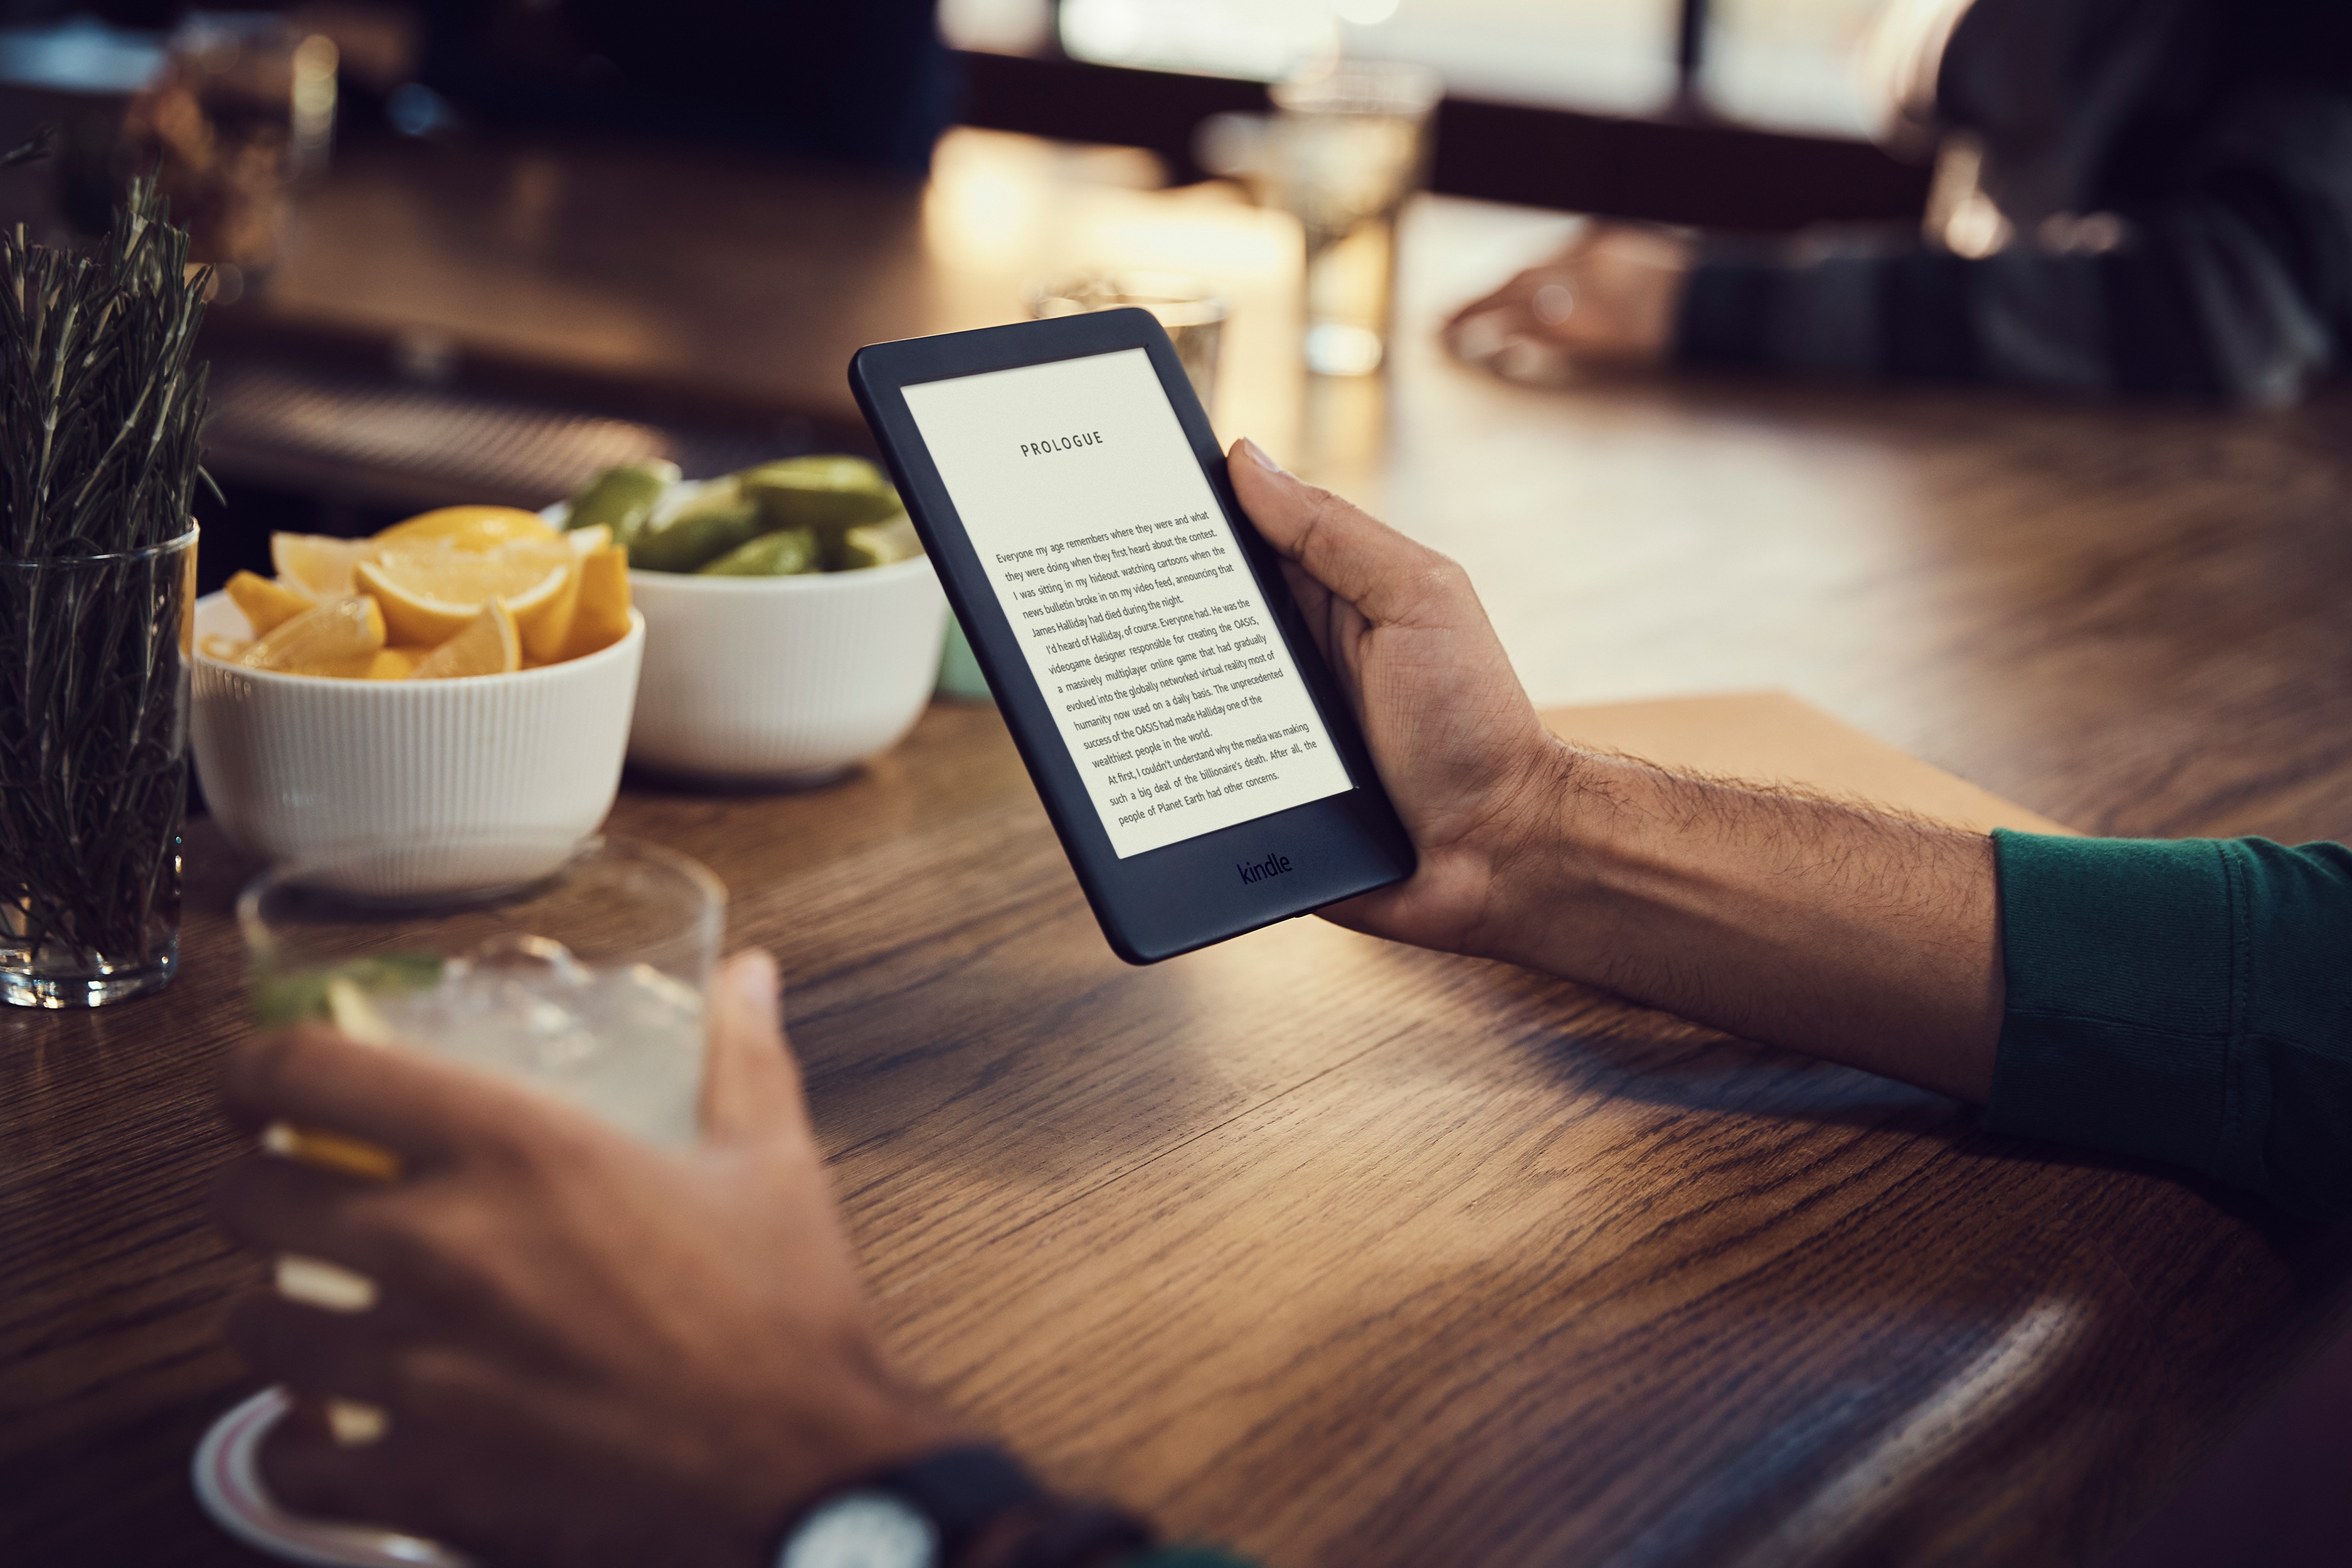 ebook reader tablet hd super porno